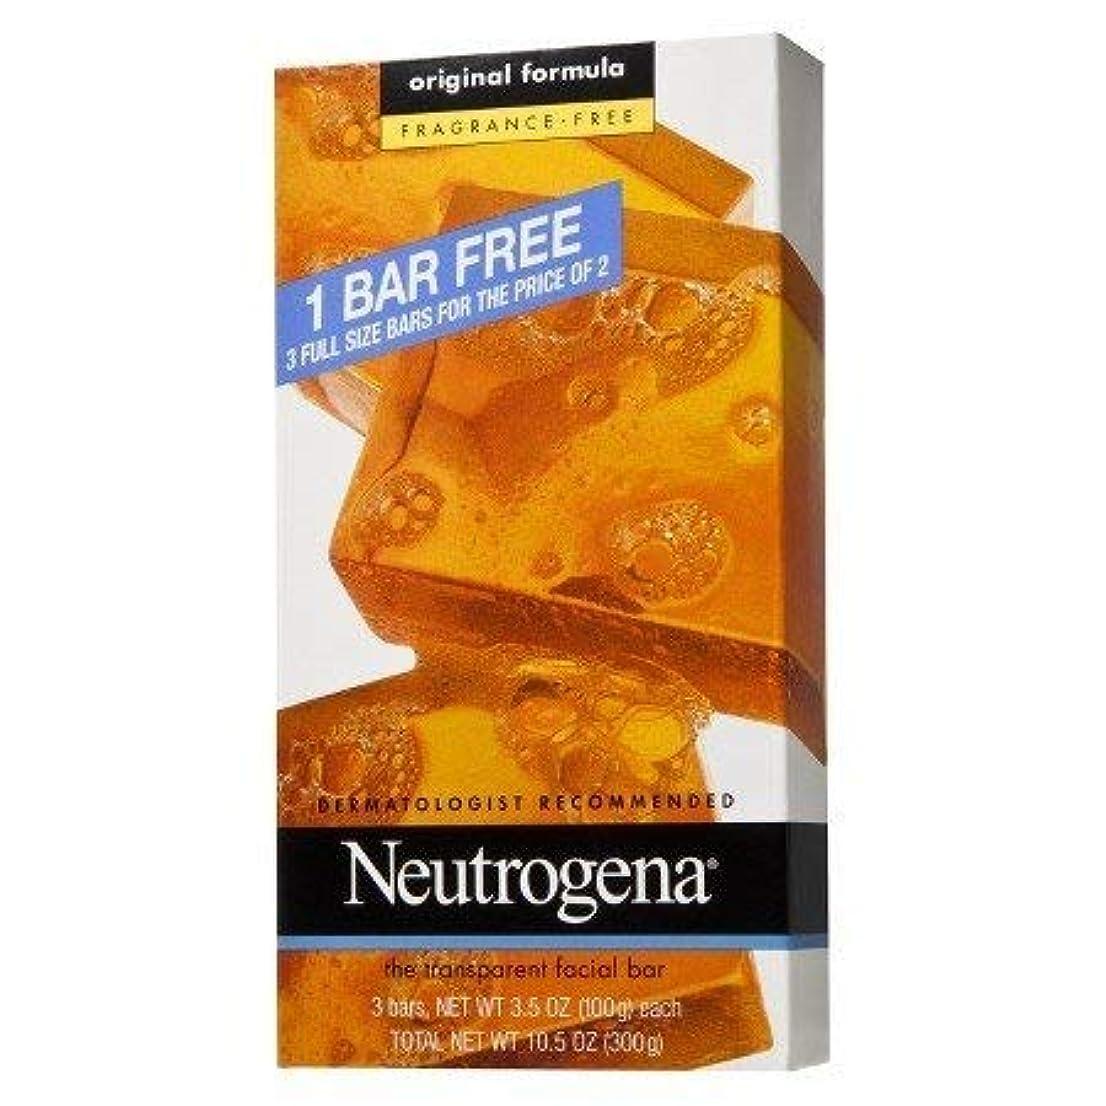 示すヒョウ割合Neutrogena Facial Cleansing Bar ニュートロジーナ洗顔用石鹸フレグランスフリー 100gx3個 [並行輸入品]